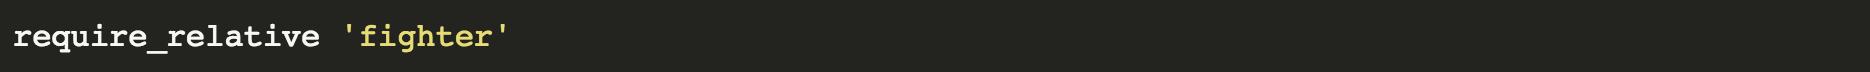 Screen Shot 2017-07-06 at 1.12.38 PM.png